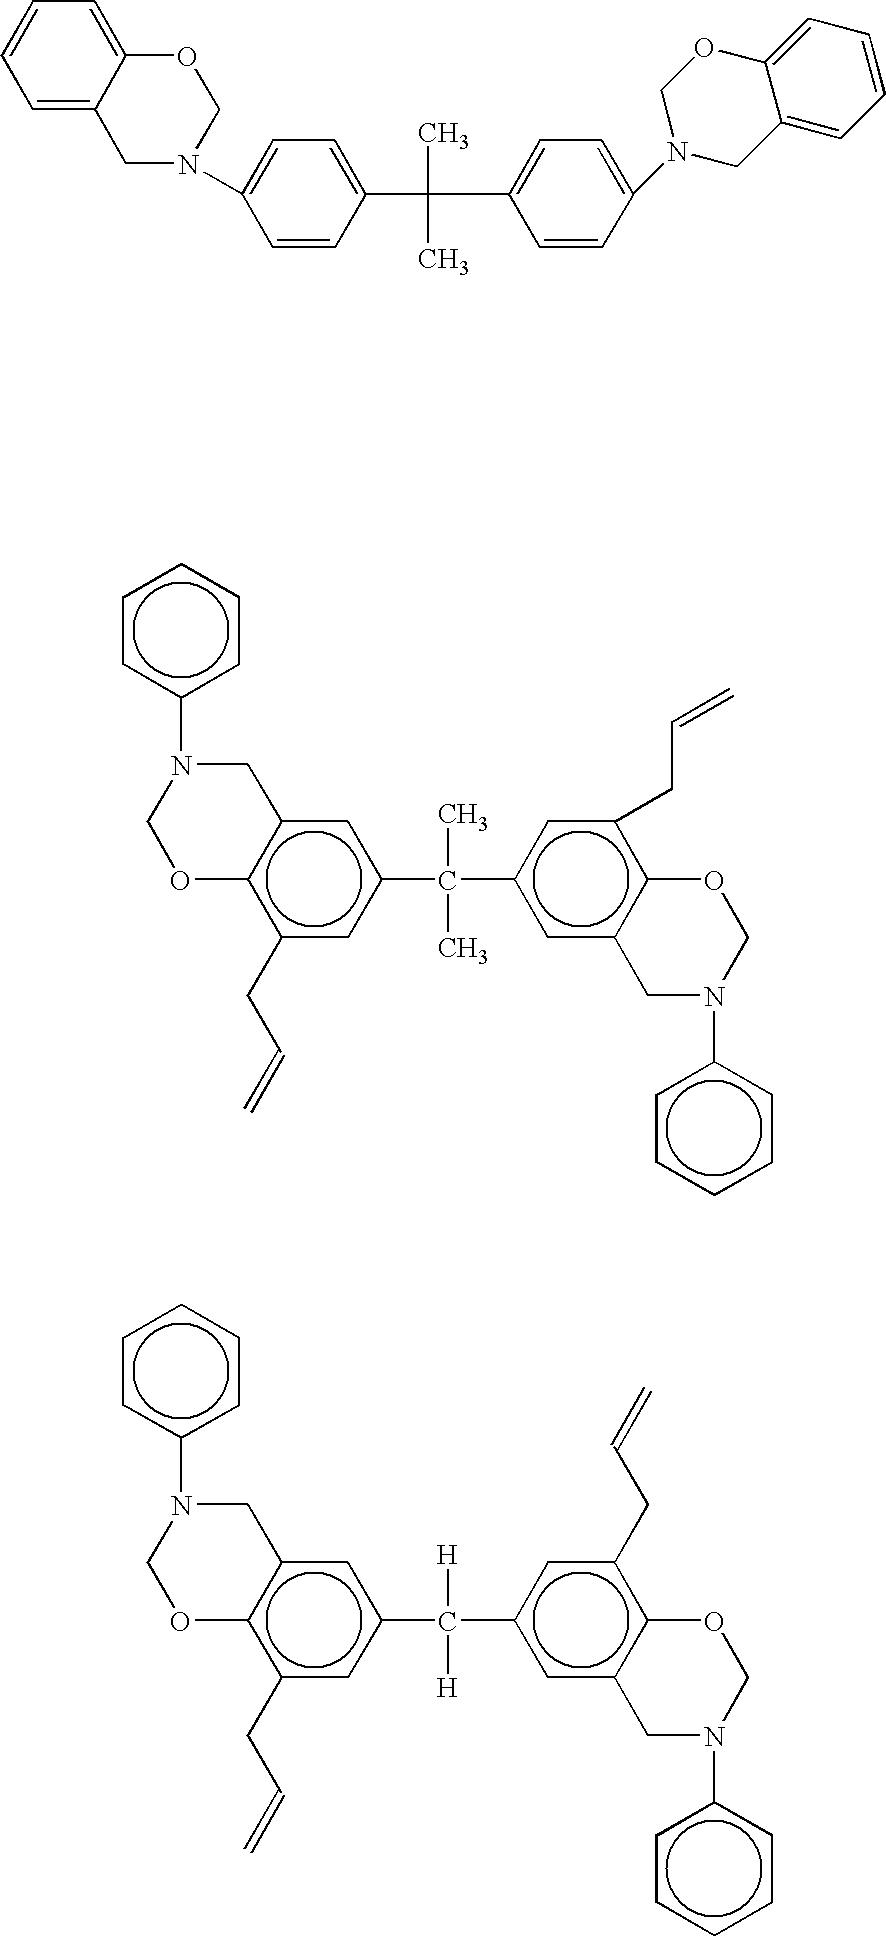 Figure US20060240261A1-20061026-C00009